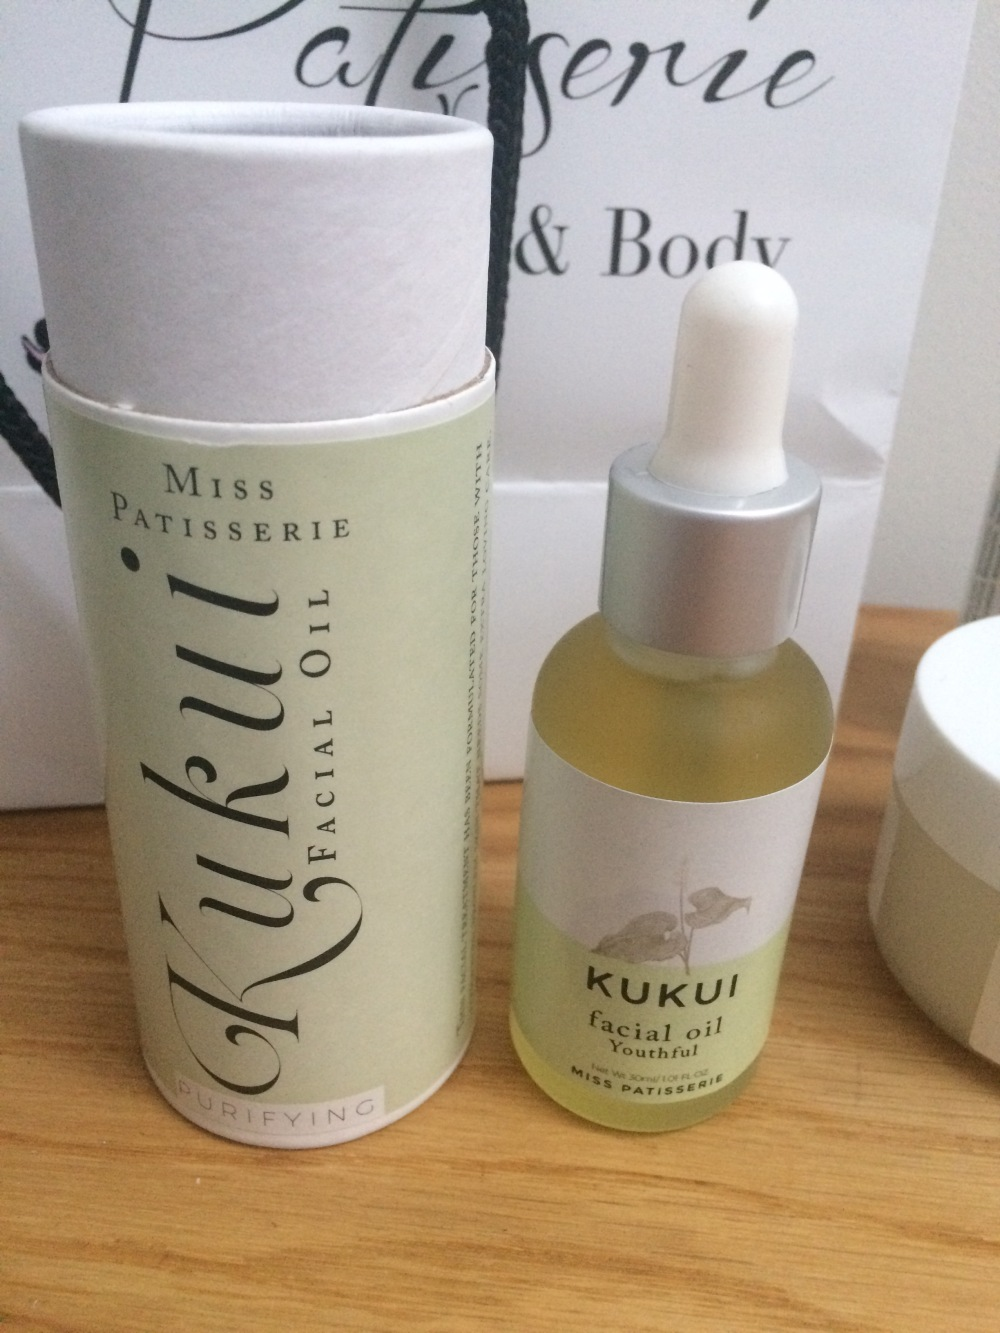 miss-patisserie-cardiff-review-natural-vegan-cf-skincare- kakui- oil